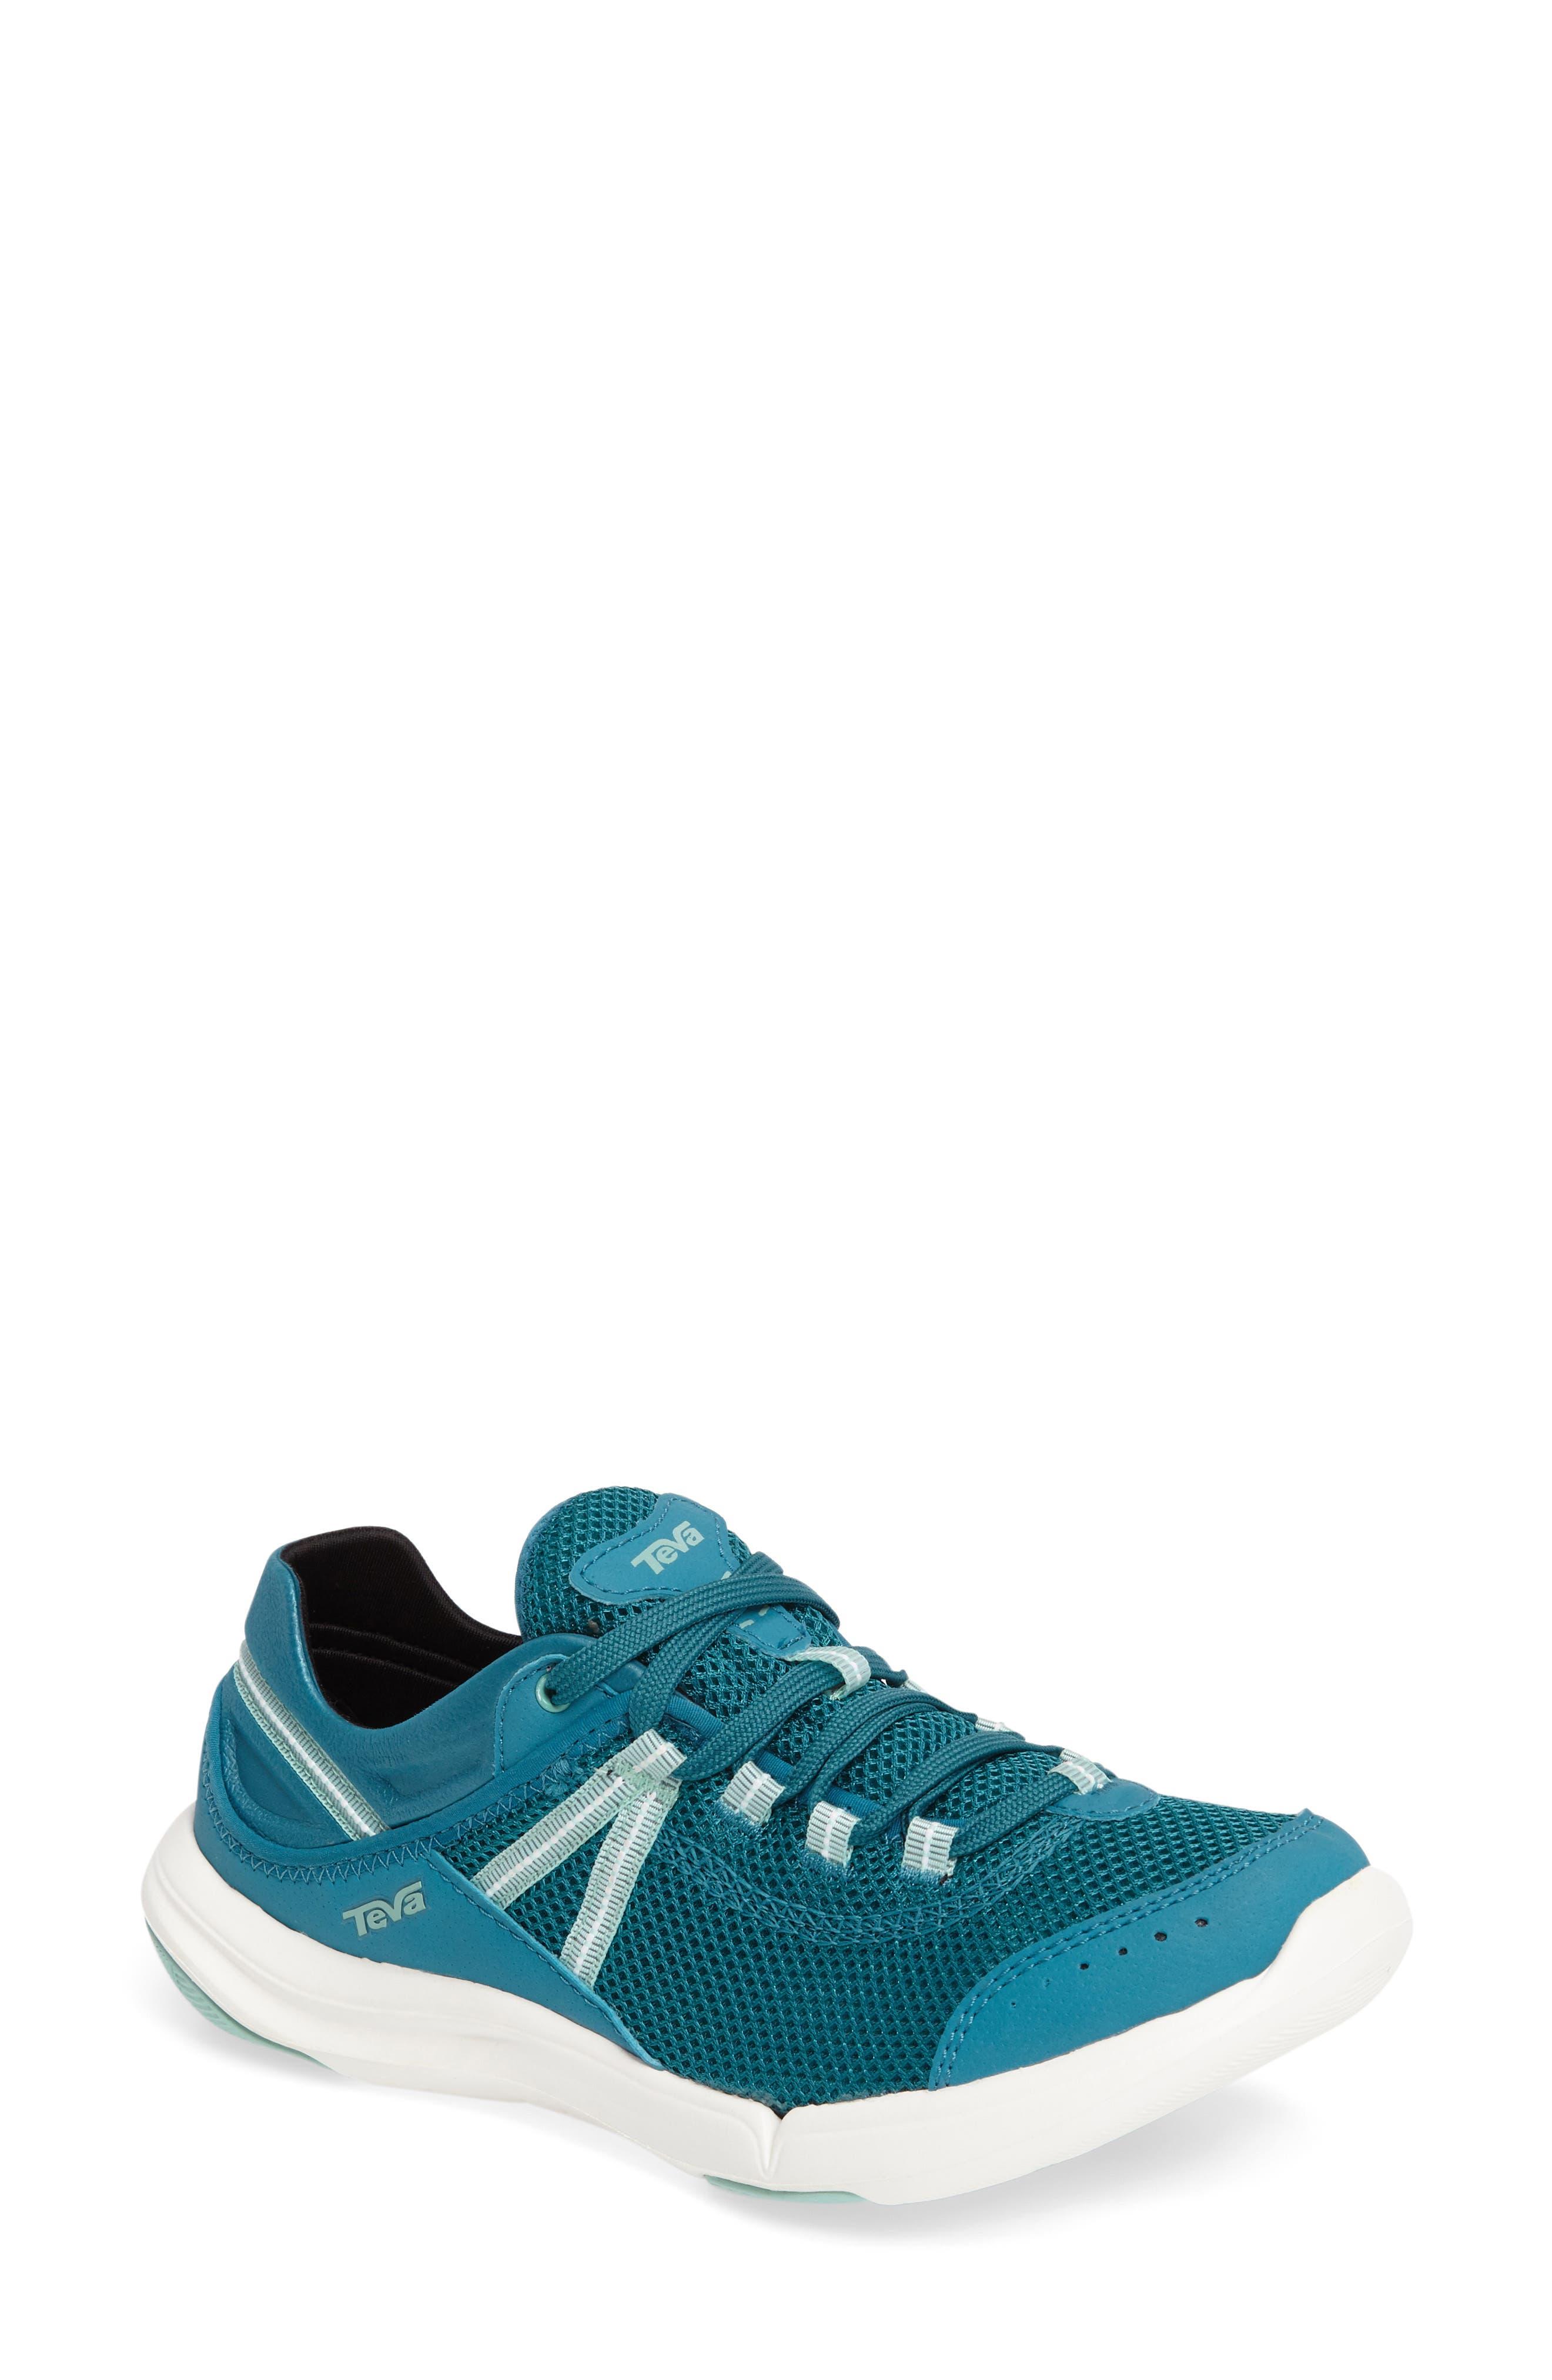 Evo Sneaker,                         Main,                         color, Blue Fabric